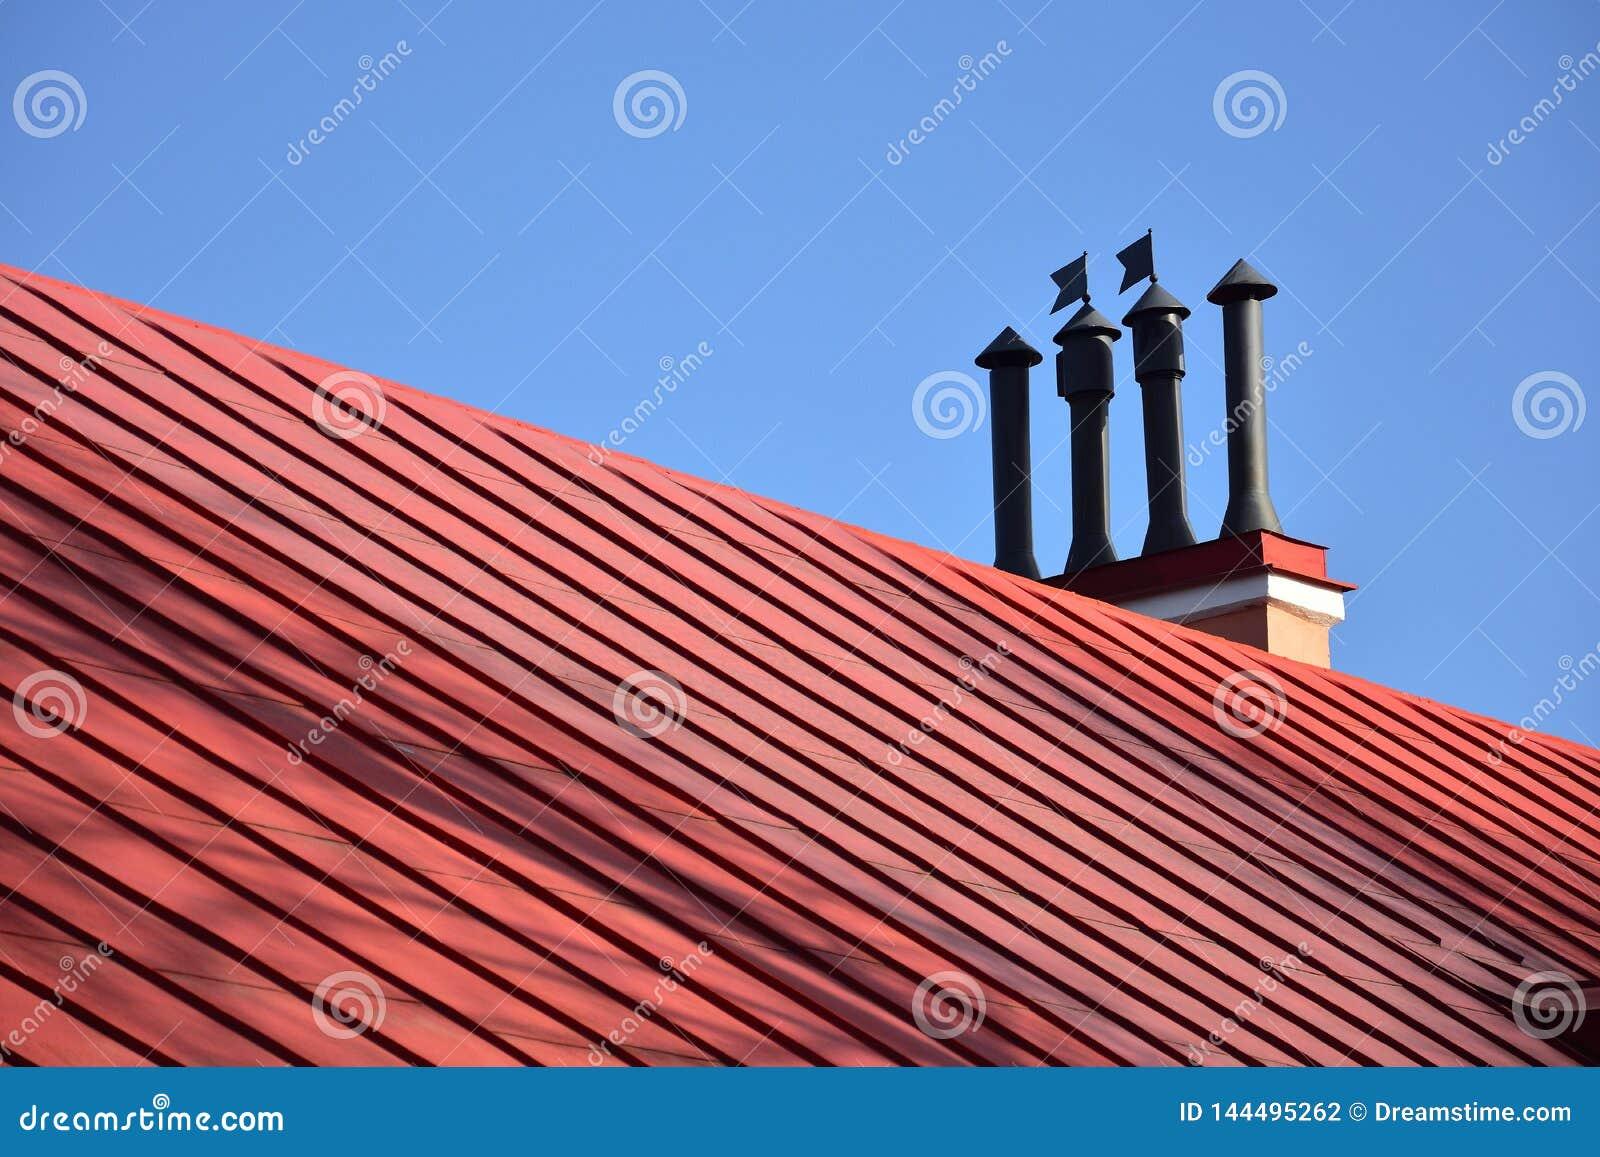 Close-upschoorstenen op het rode dak en de hemel